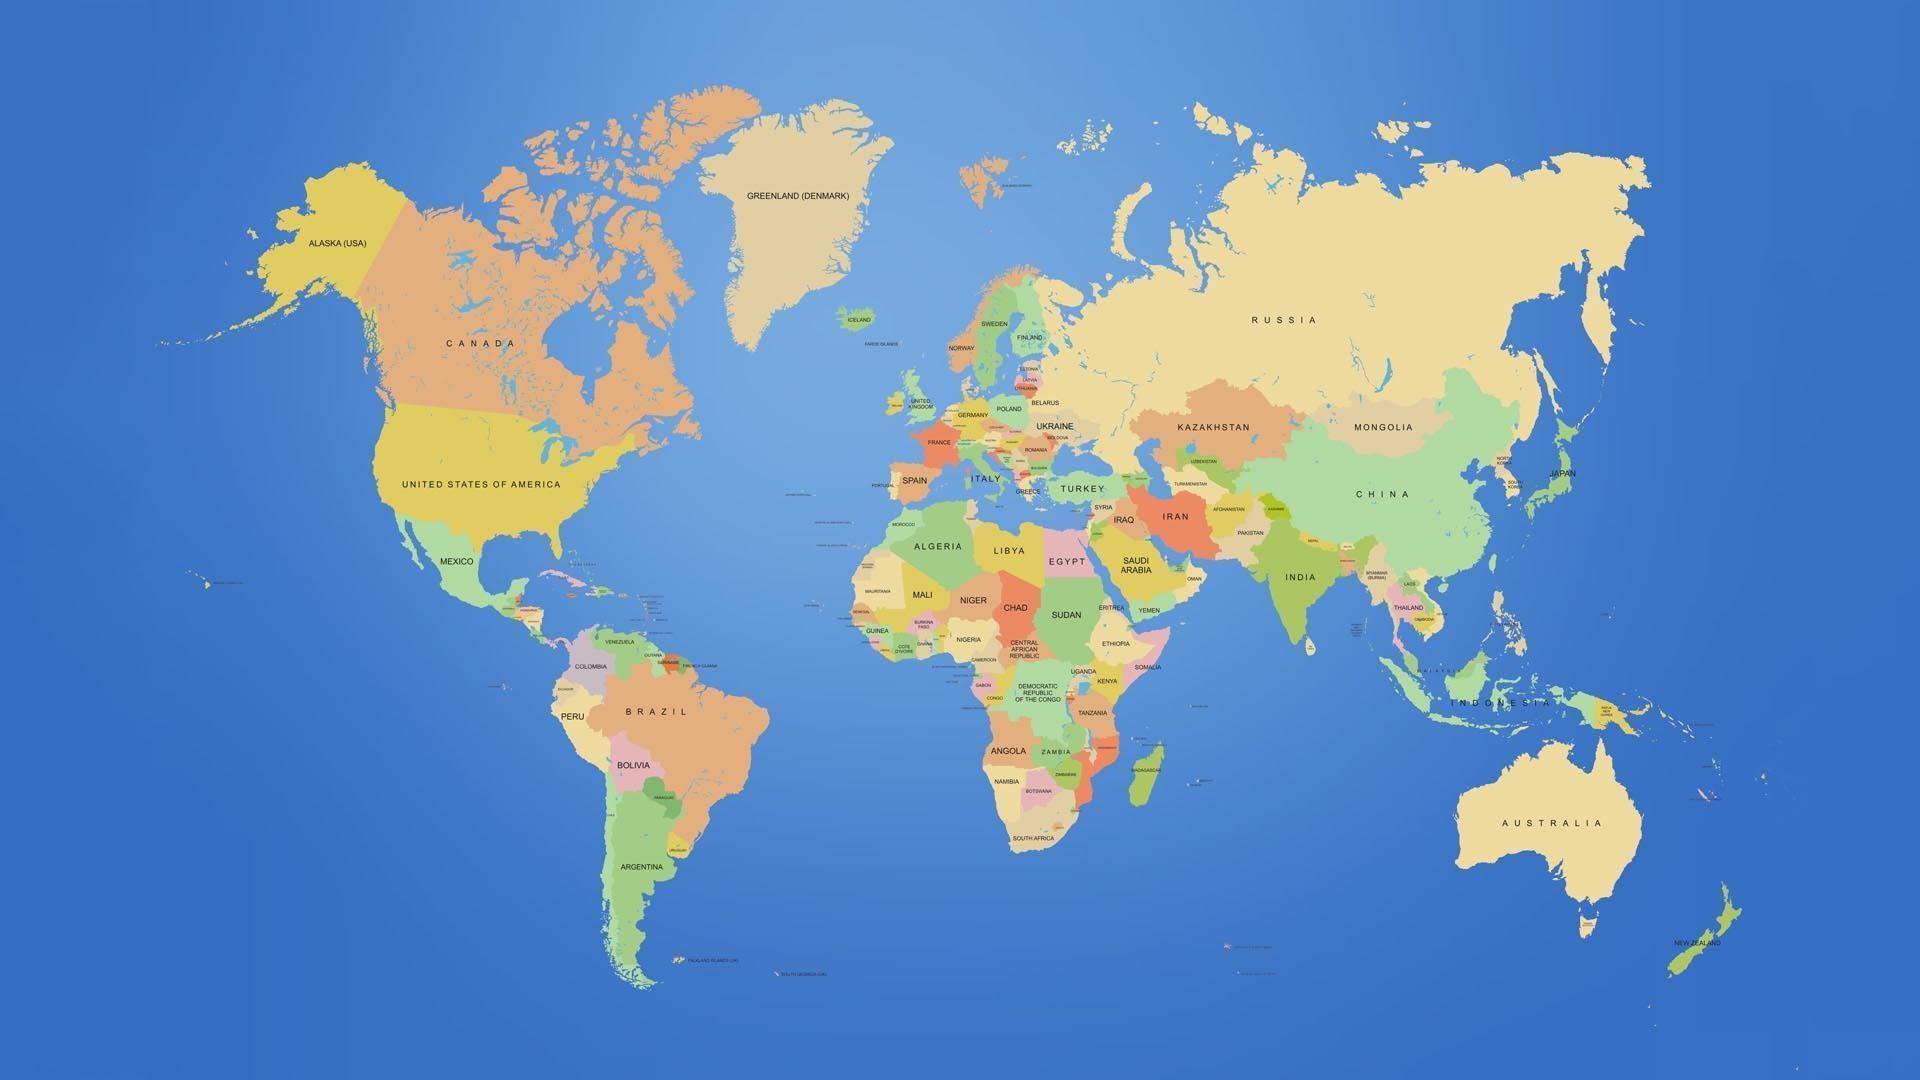 World Desktop Background ① - 4k image of us map